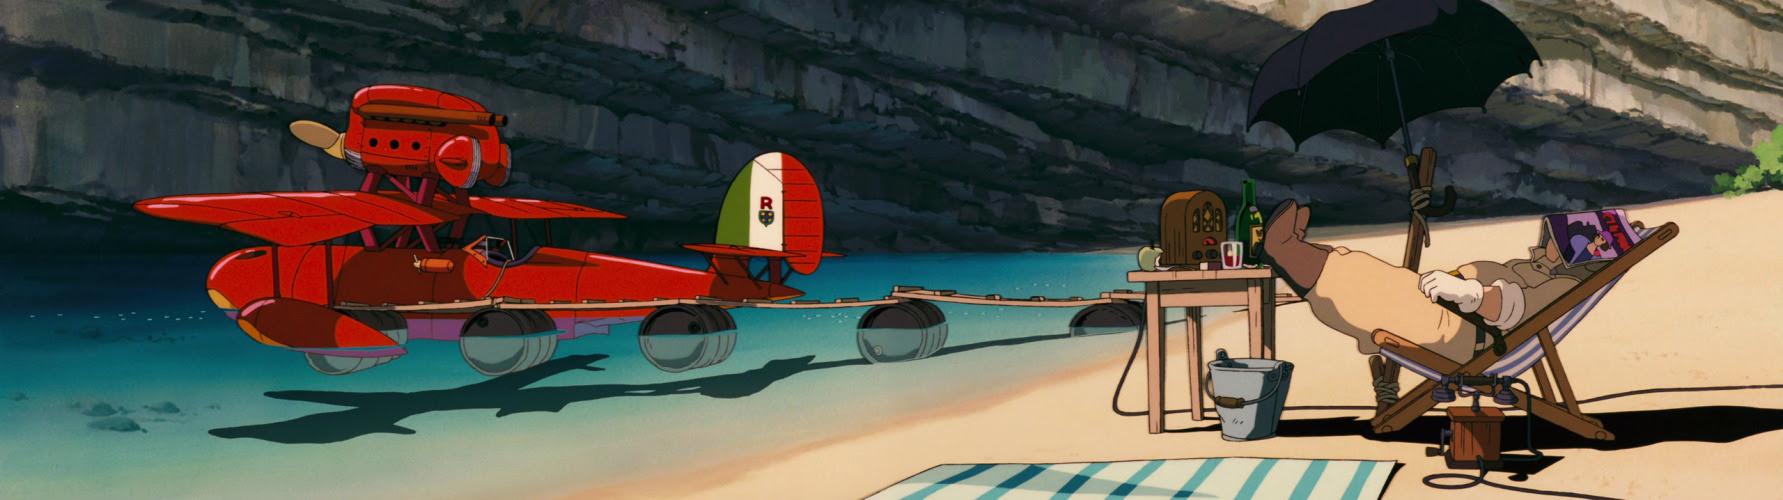 Imagen de 'Porco Rosso (1992)' - Playa tranquila